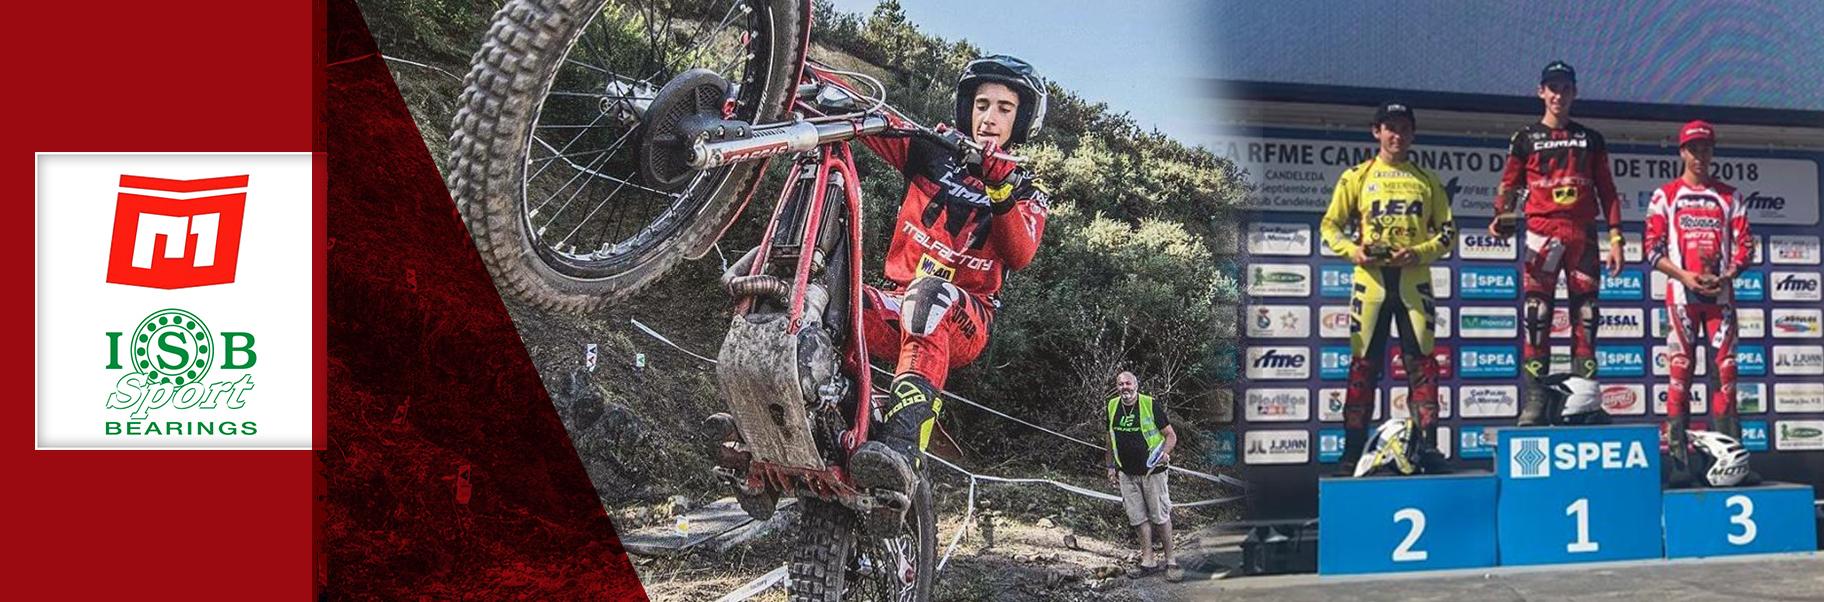 Cabecera Pablo Suarez Trial GP Comas Moto Trial ISB Sport 1º posicion